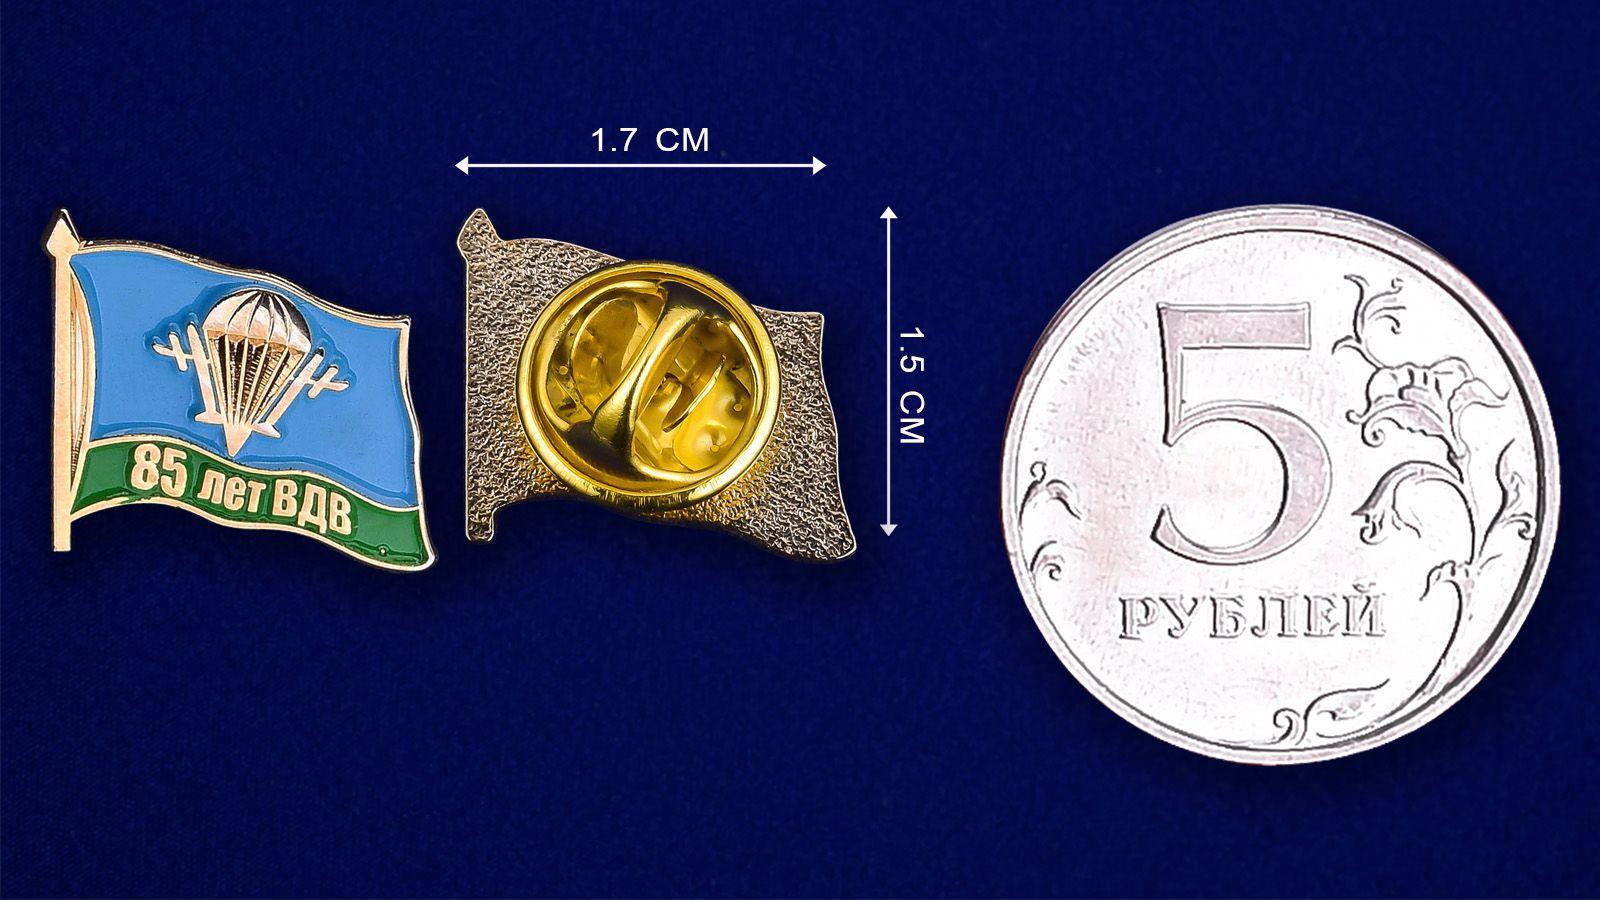 Значок к 85-летию ВДВ-сравнительный размер